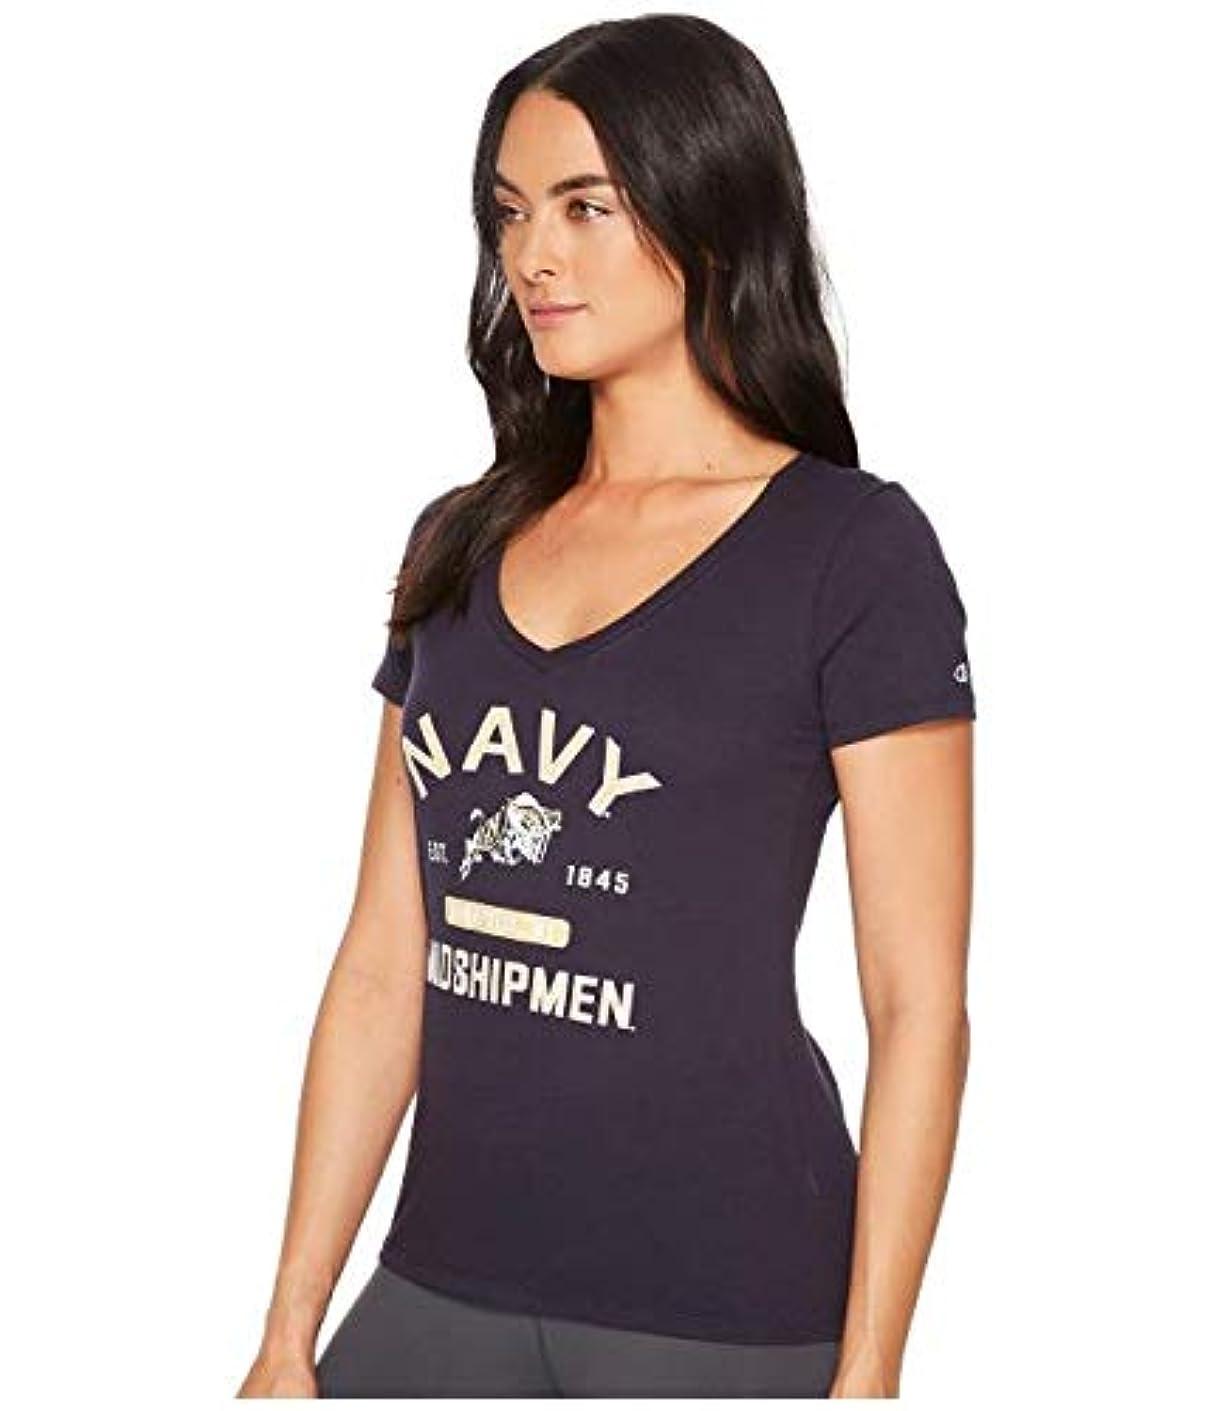 勢い置くためにパック有名人Champion College Navy Midshipmen University V-Neck Tee 服 【並行輸入品】